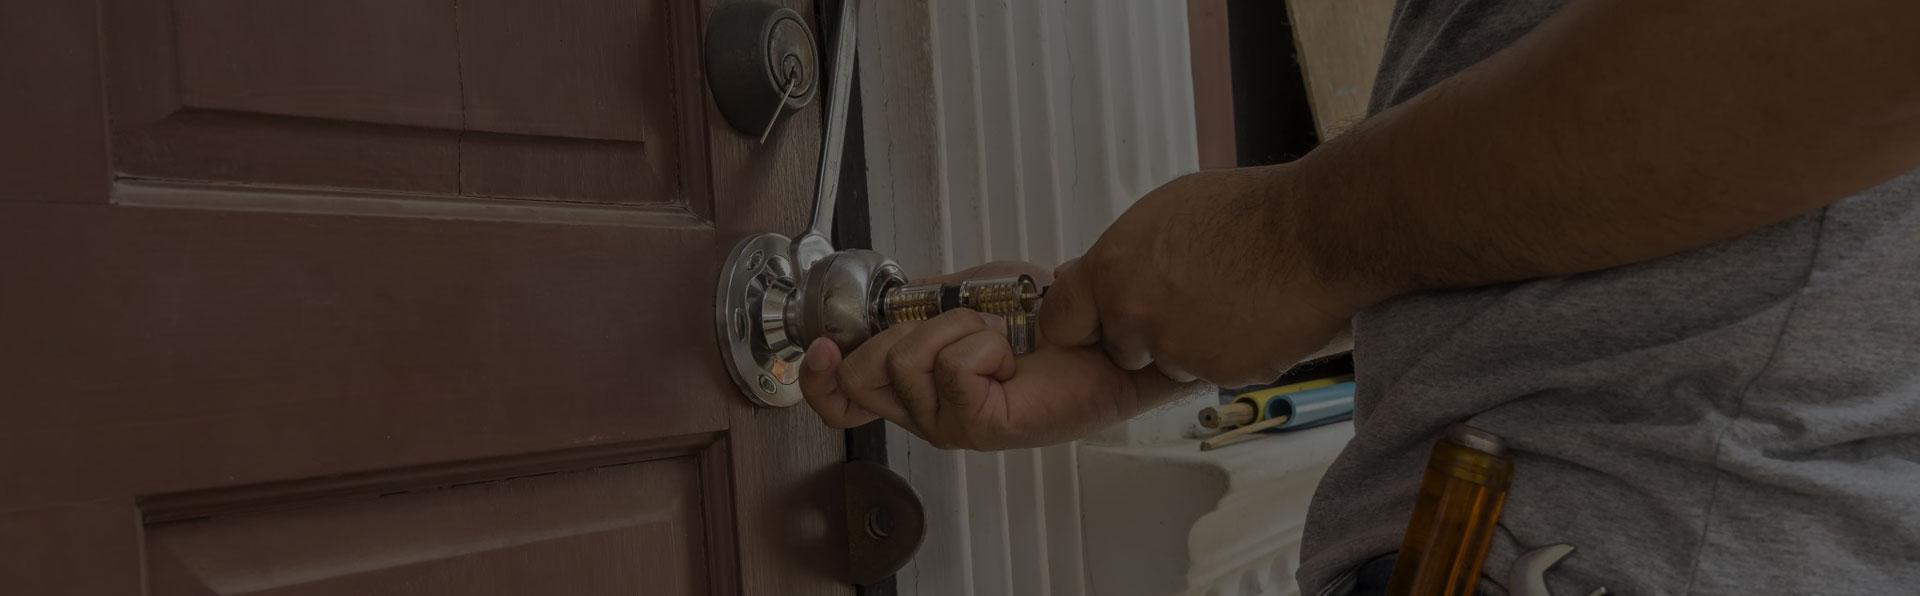 lockout-locksmith-narre-warren